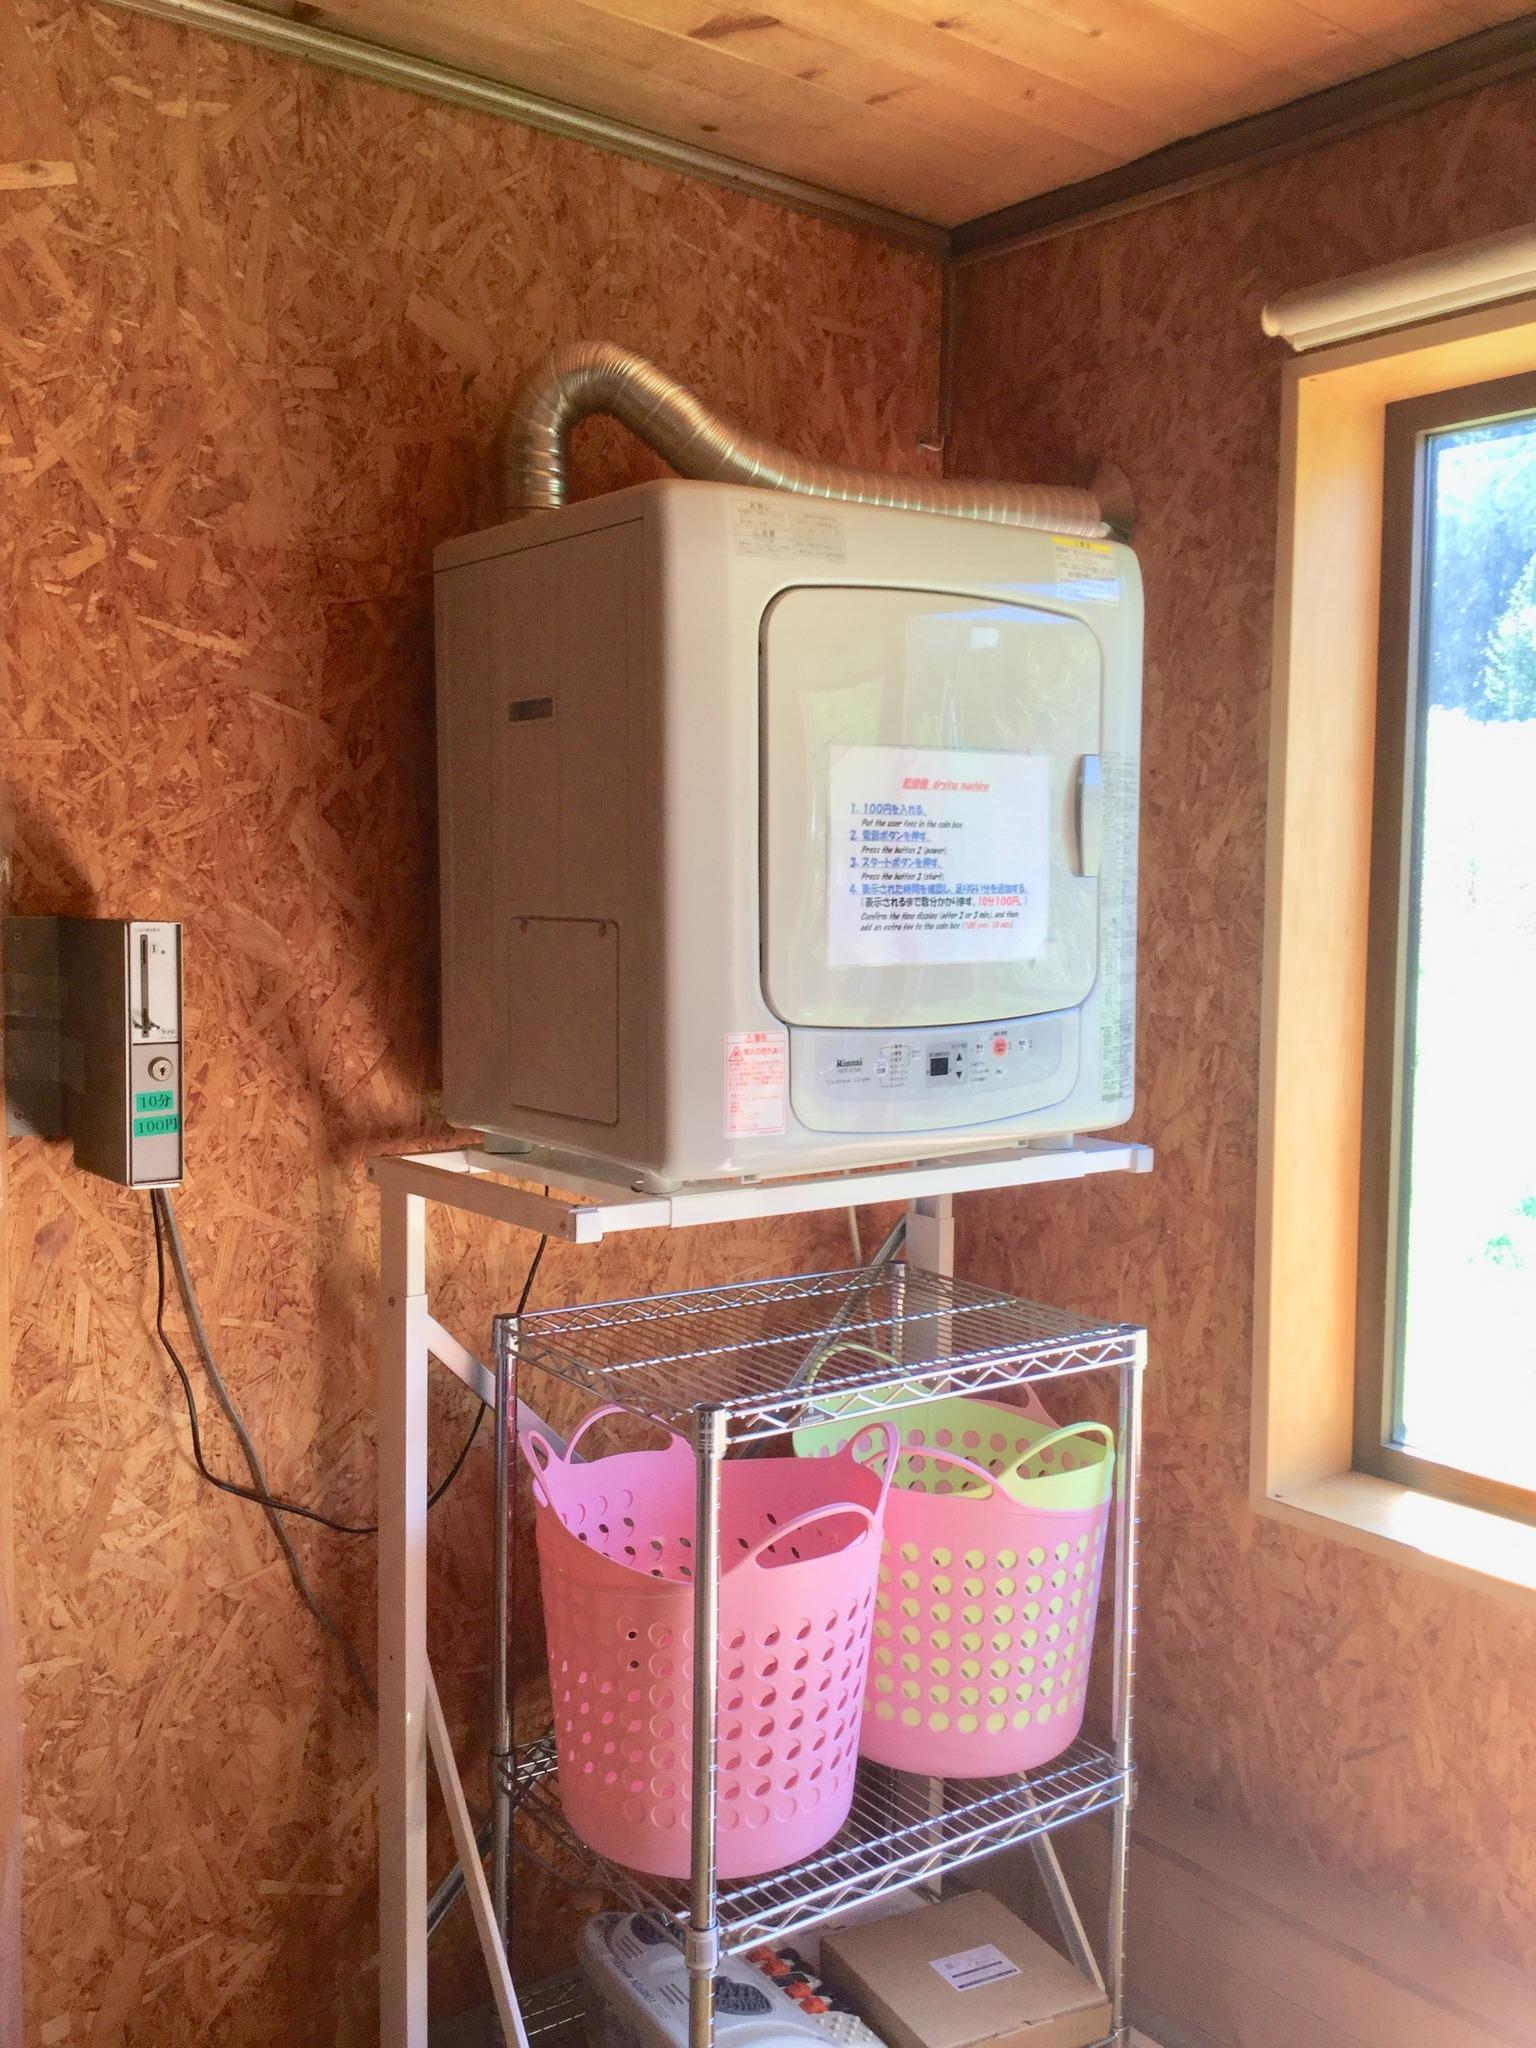 【Drying Machine】